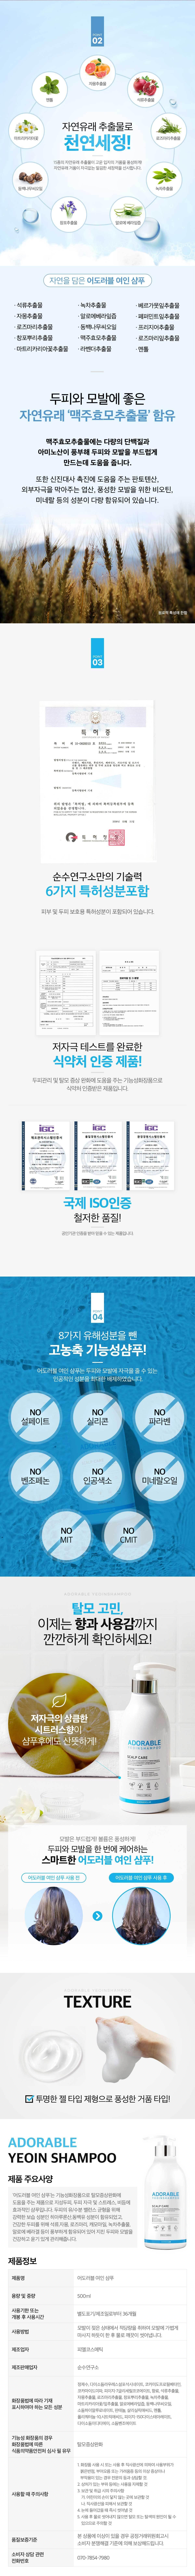 지성 두피 천연 어도러블 여인 샴푸 - 순수연구소, 28,000원, 헤어케어, 샴푸/린스